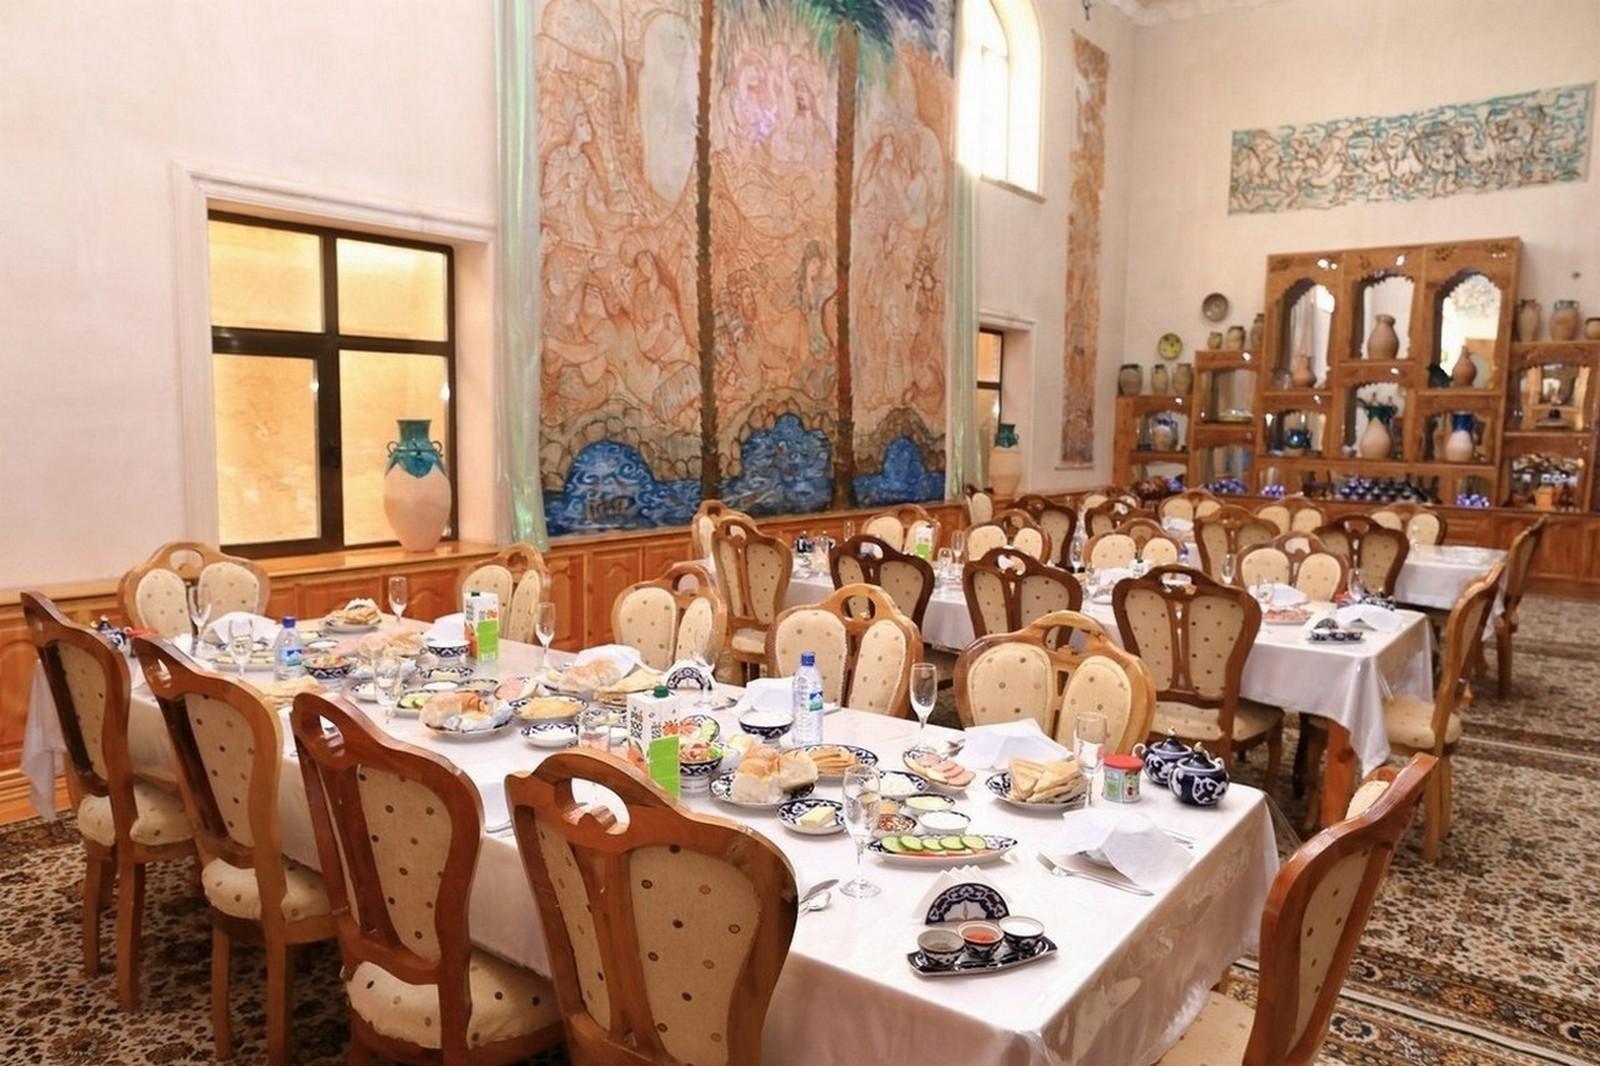 Гостиница Шахерезада - SILK TOUR Uzbeksitan